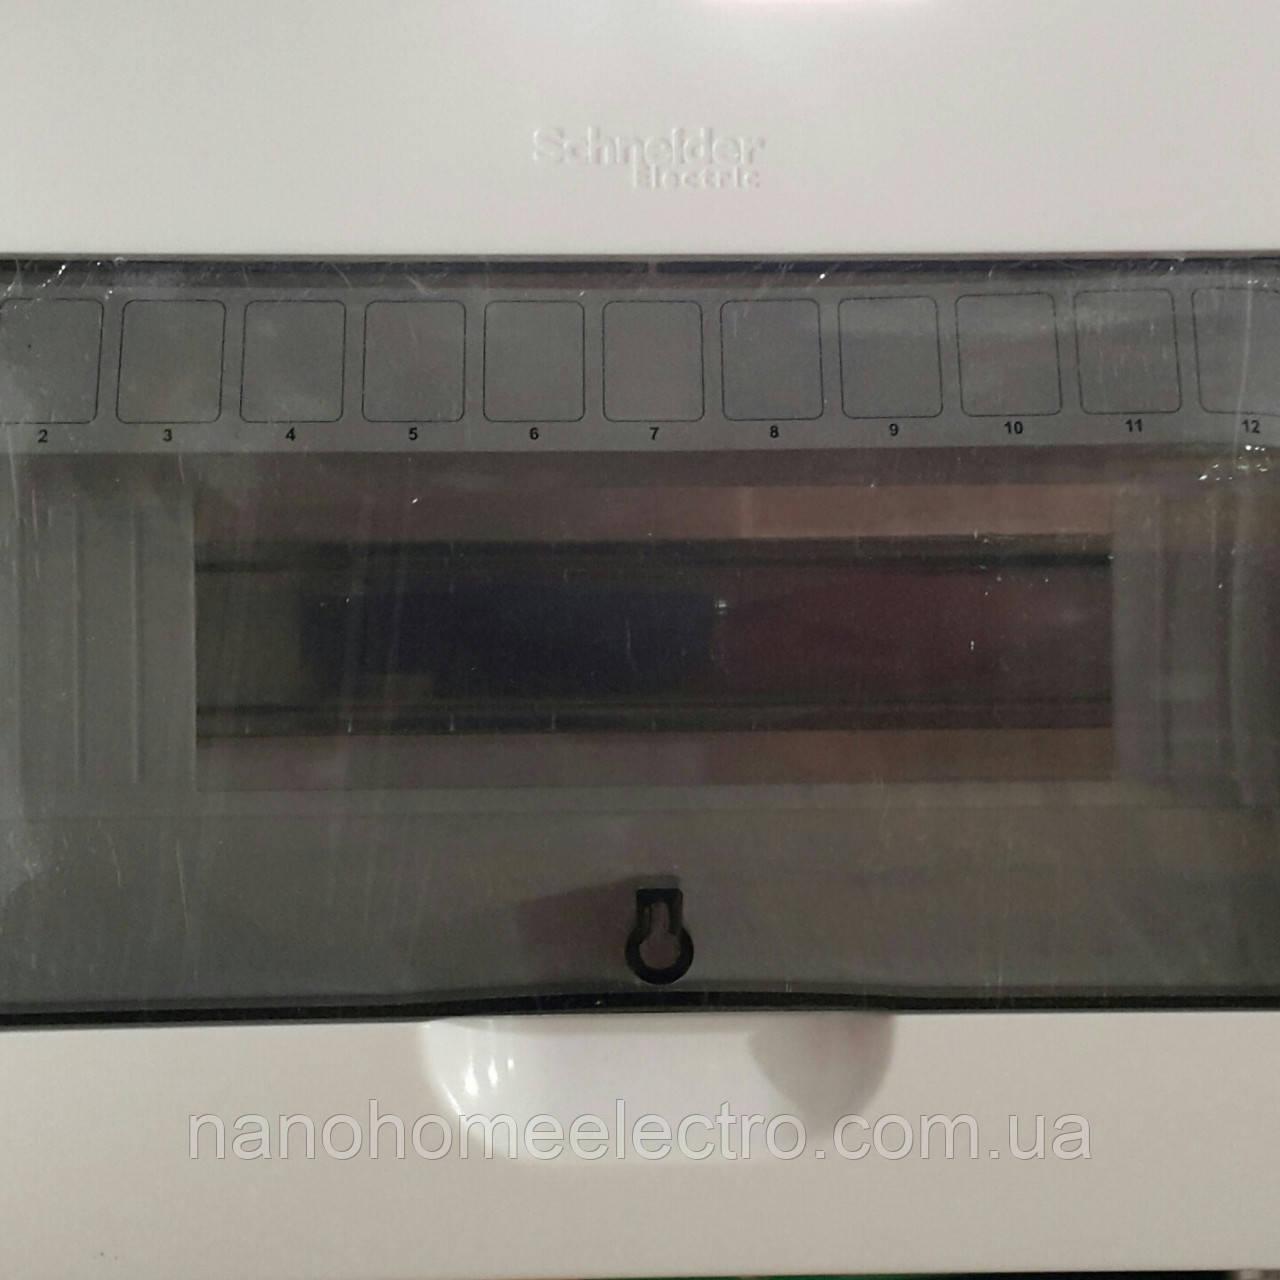 Внутрішня коробка під 12 автоматів Schneider-Electric